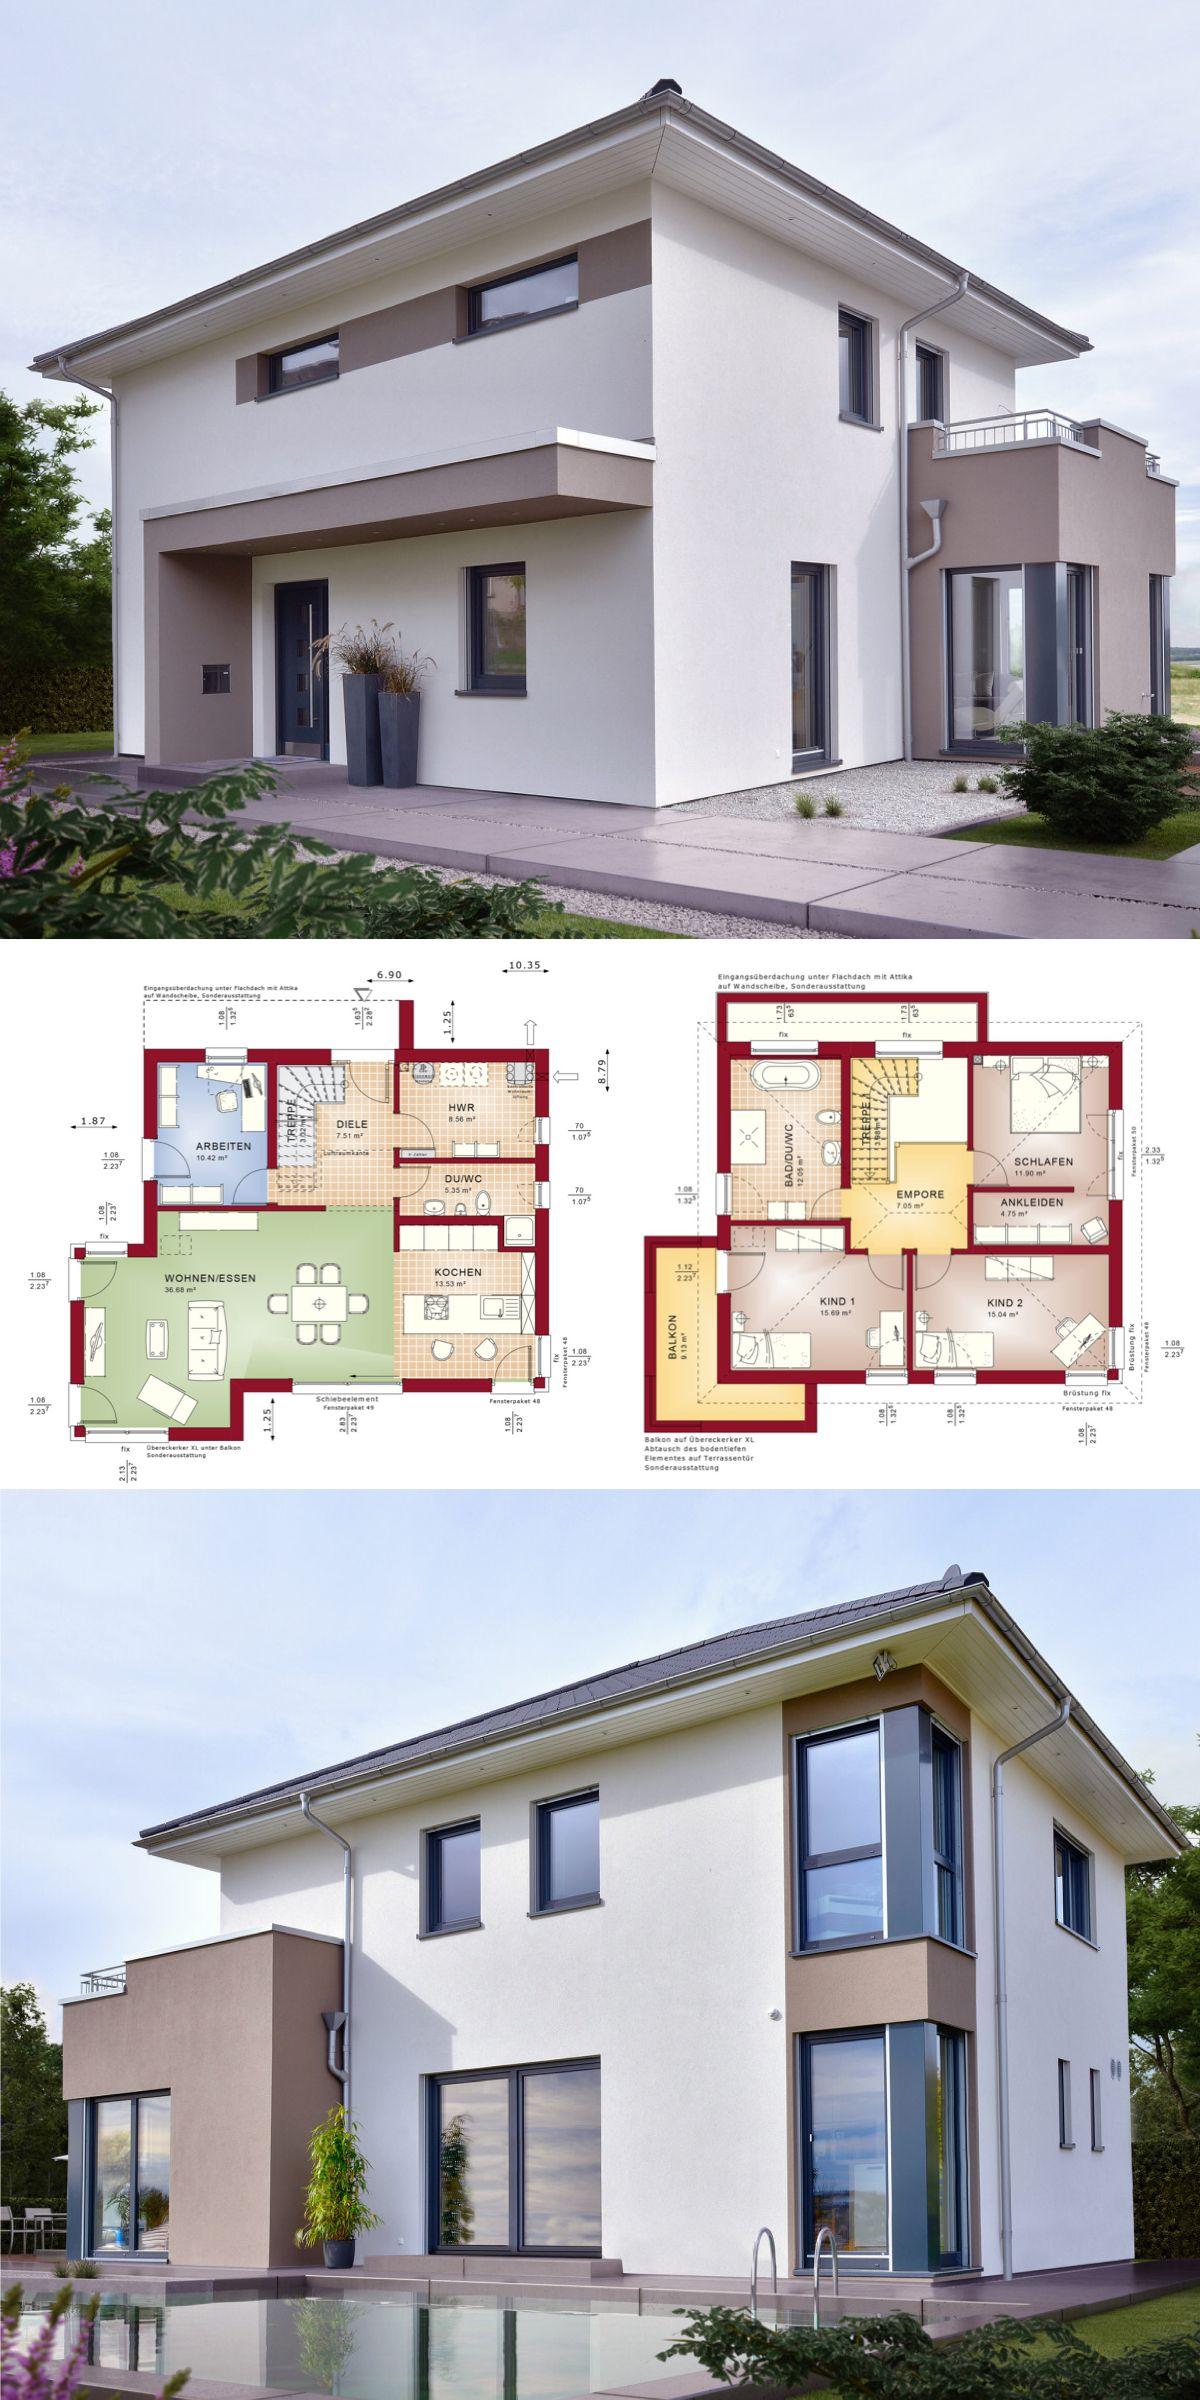 Stadtvilla Neubau Modern Mit Walmdach Architektur U0026 Erker Anbau   Haus Bauen  Grundriss Einfamilienhaus Concept